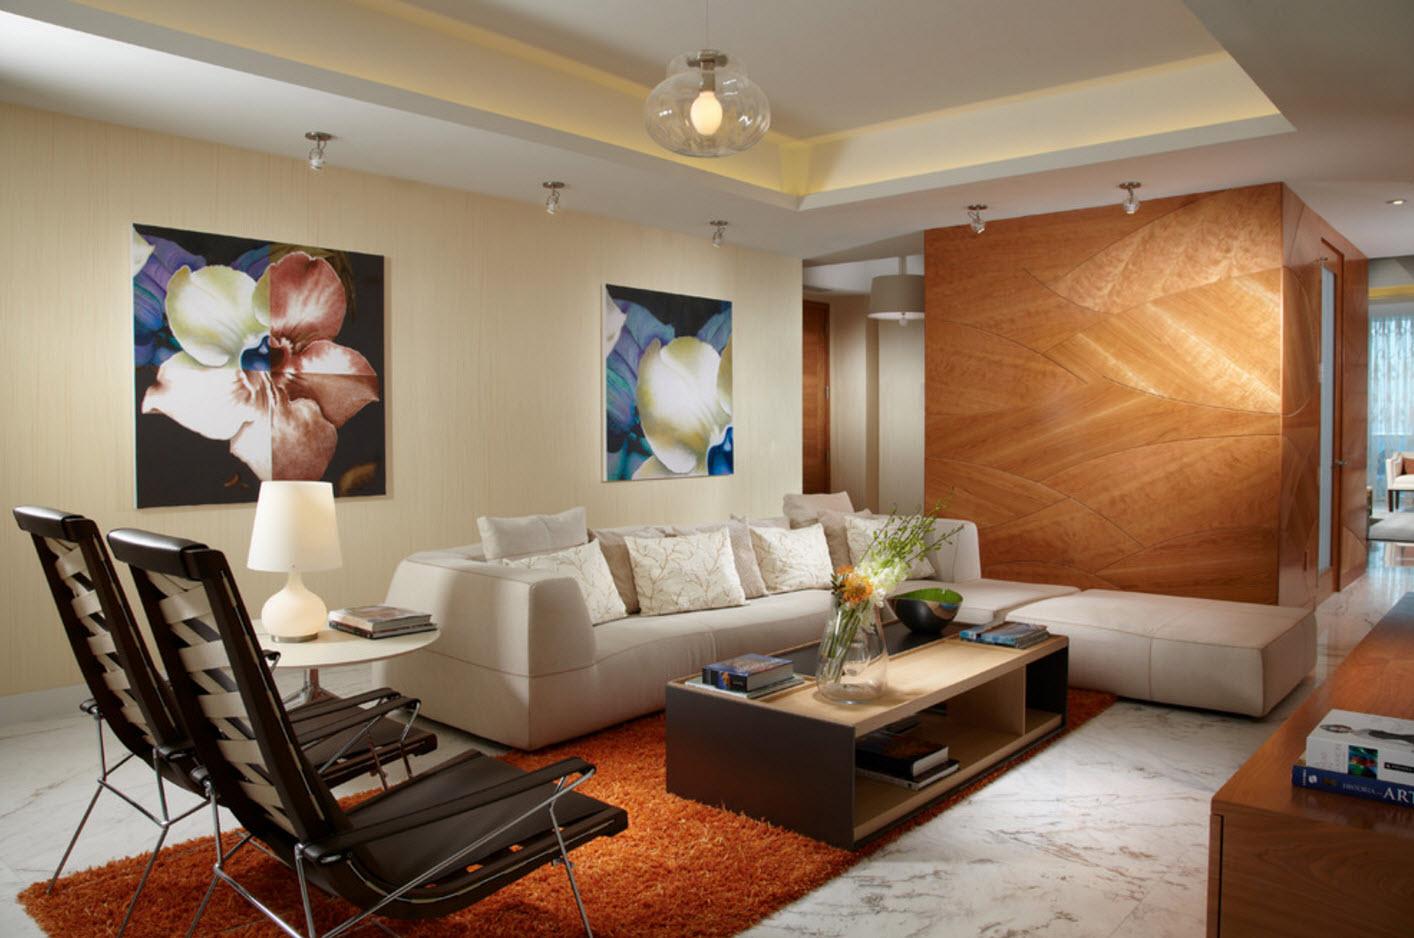 Система освещения в современном помещении